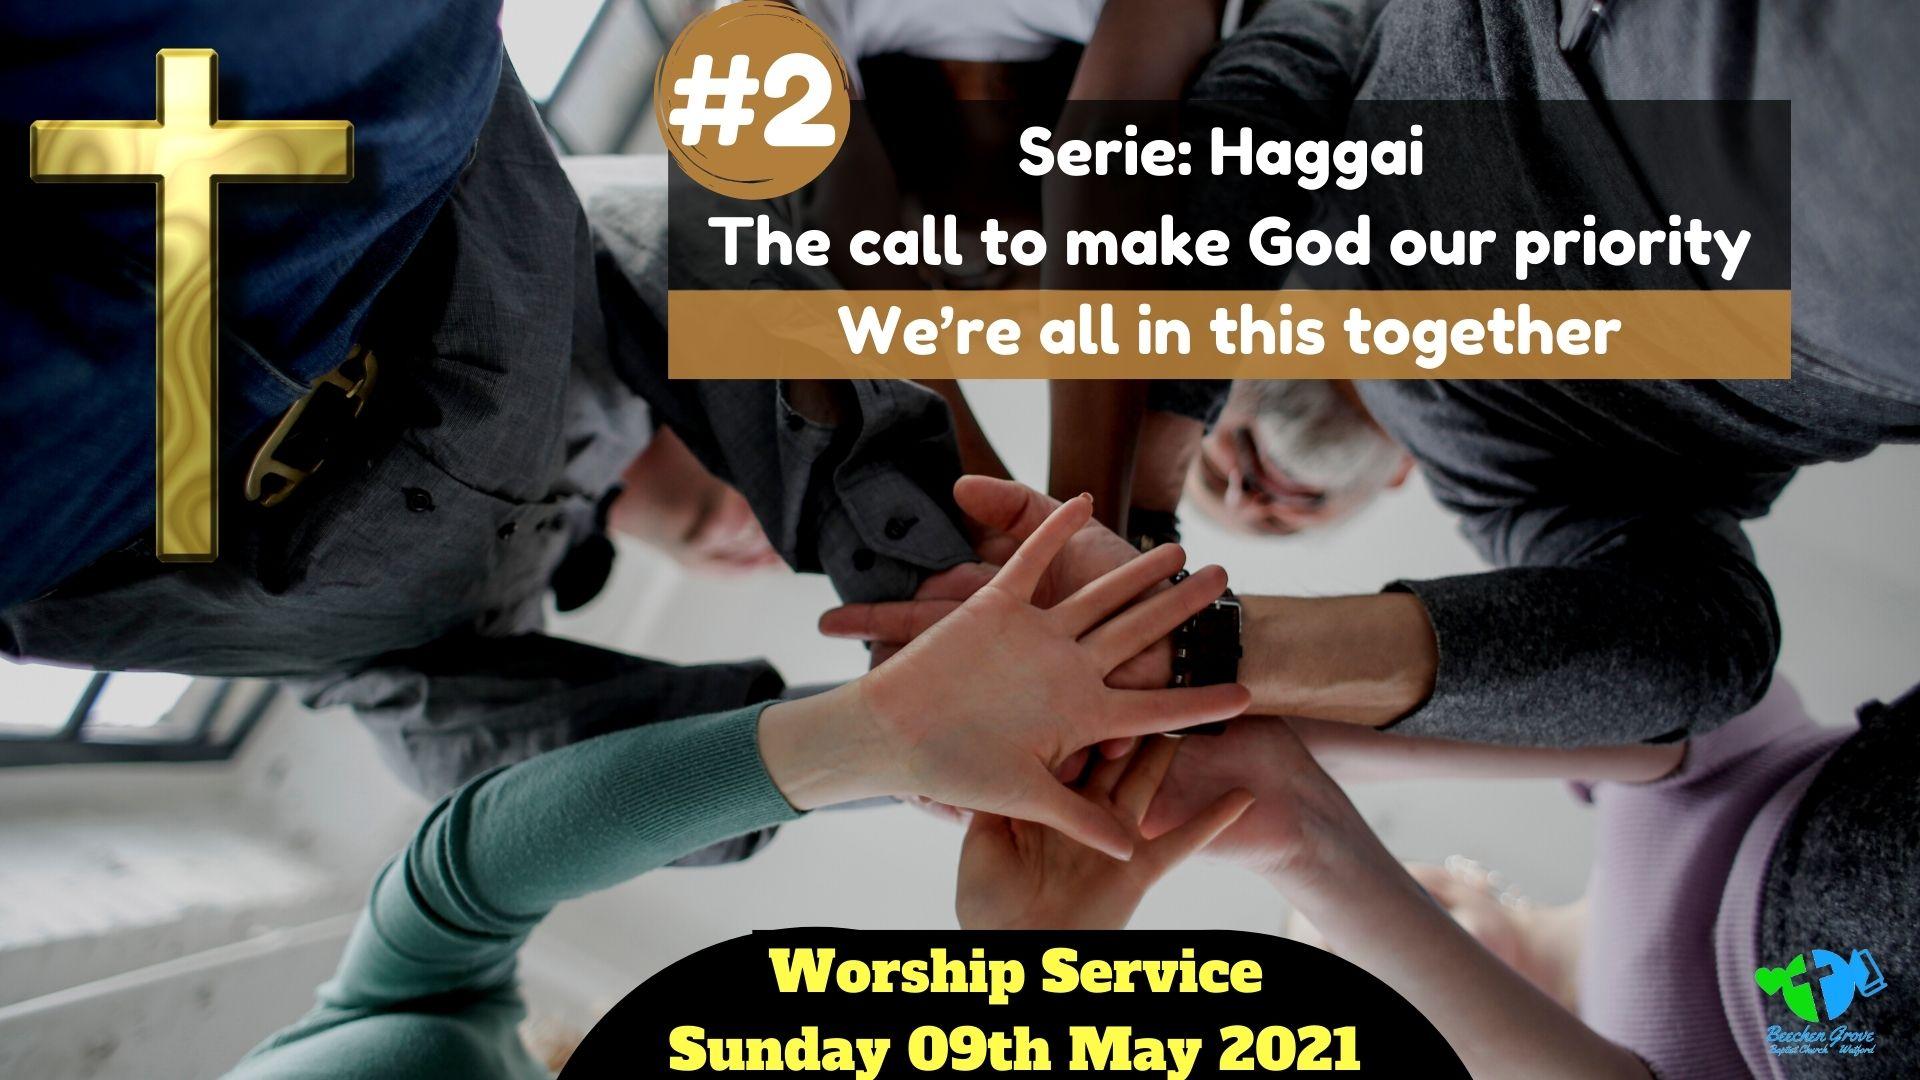 Worship Service 09th May